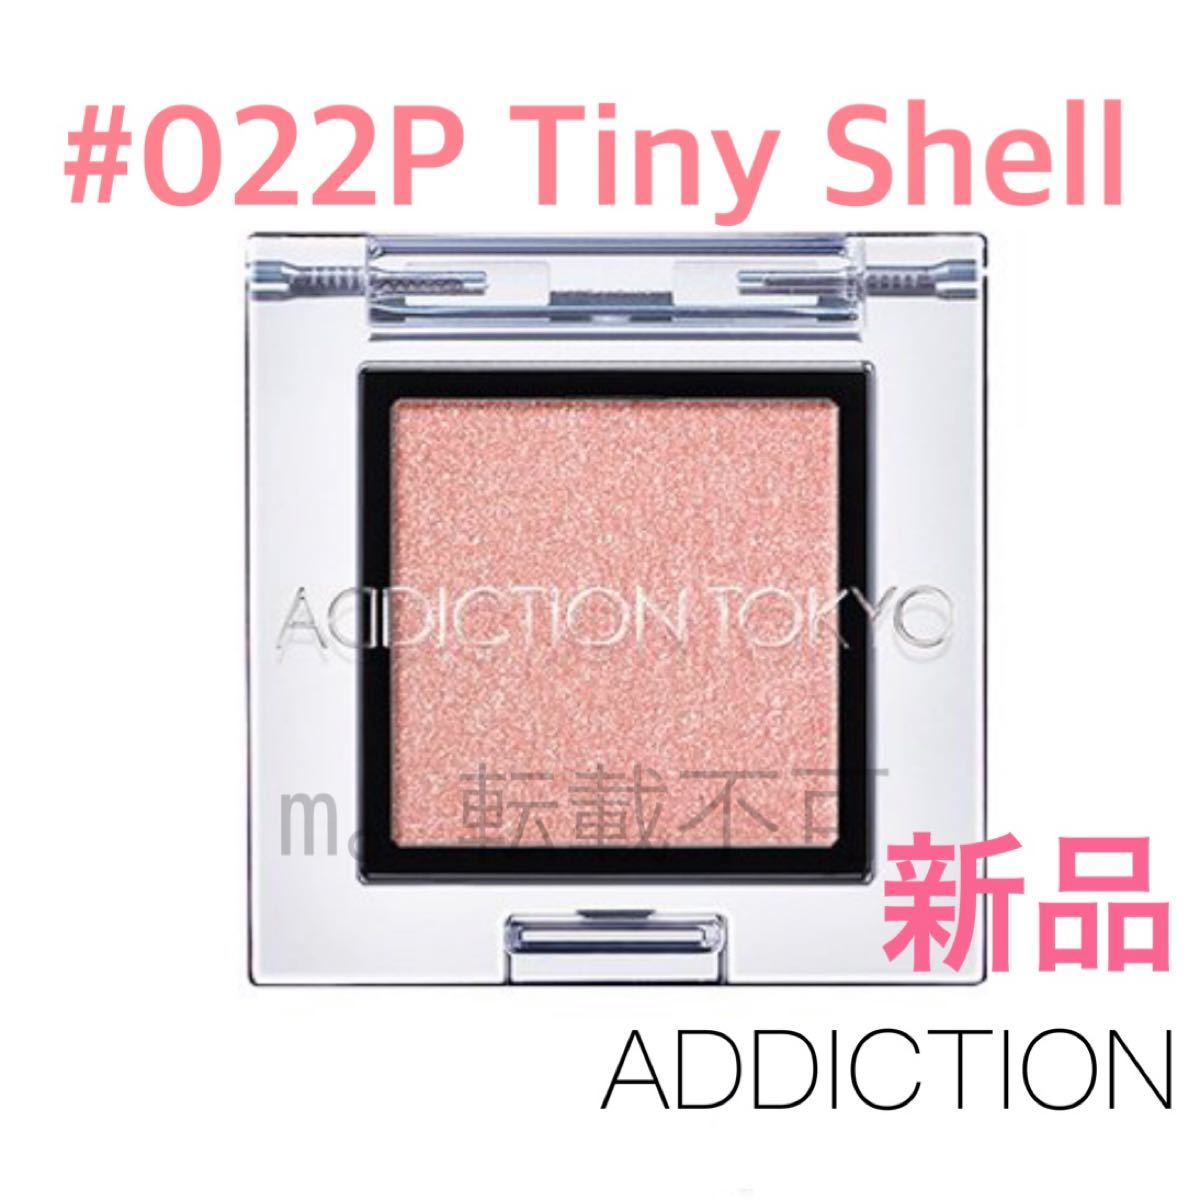 ADDICTION アディクション アイシャドウ #022P Tiny Shell タイニーシェル 新品